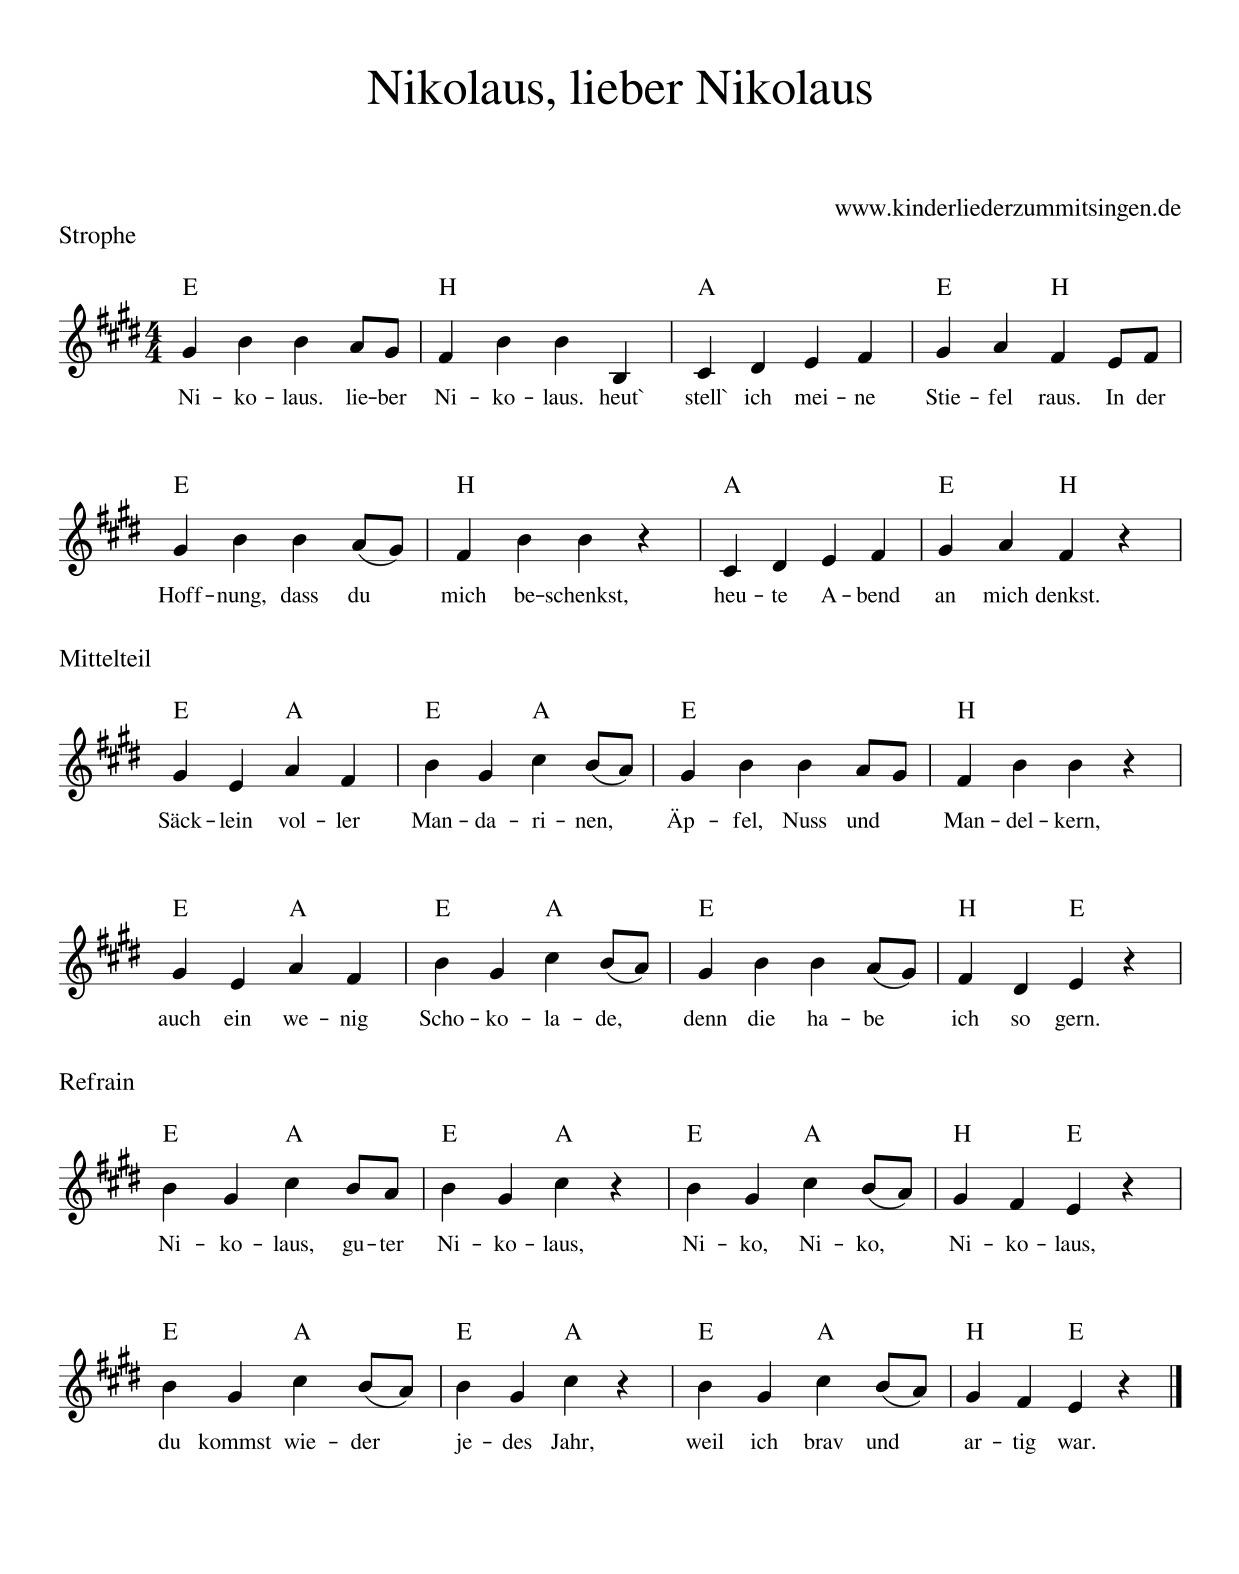 Nikolaus, Lieber Nikolaus - Kinderlieder - Noten - Text bei Guten Tag Ich Bin Der Nikolaus Akkorde